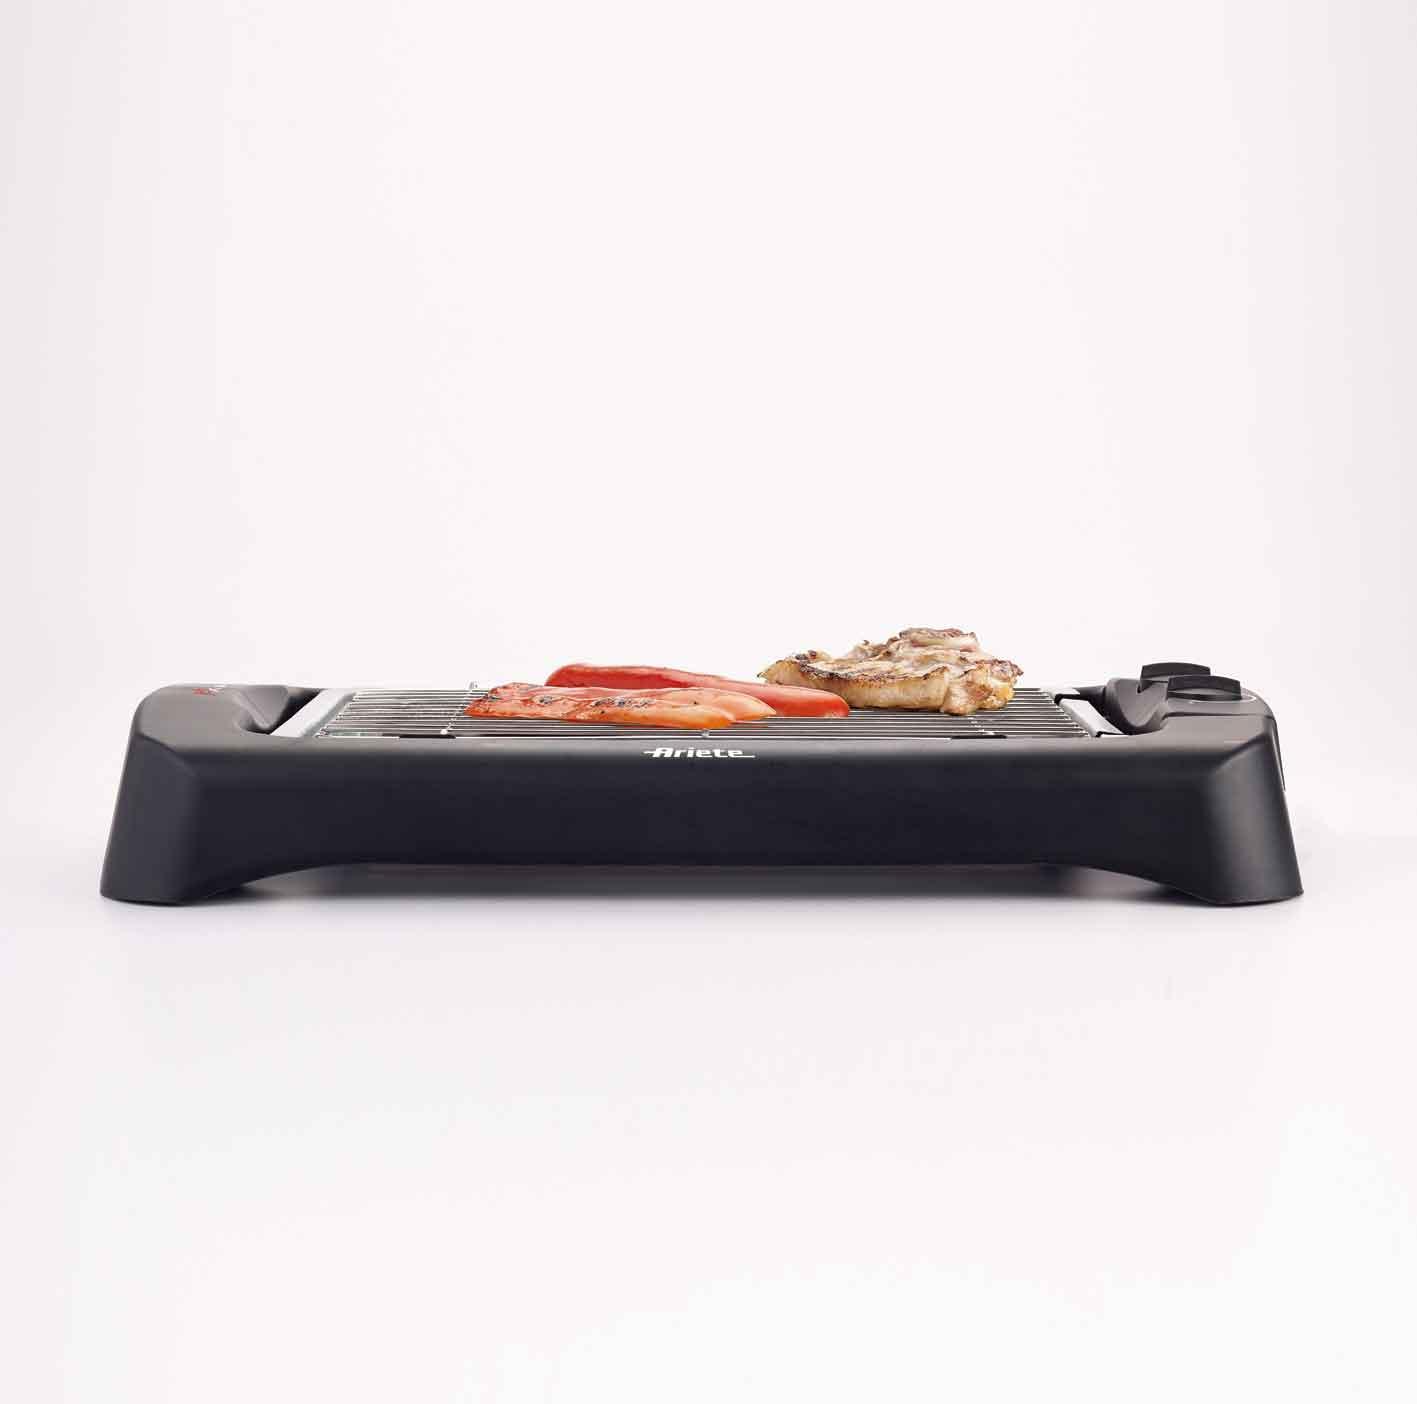 Ariete Modello 0733 - Party Grill 0733